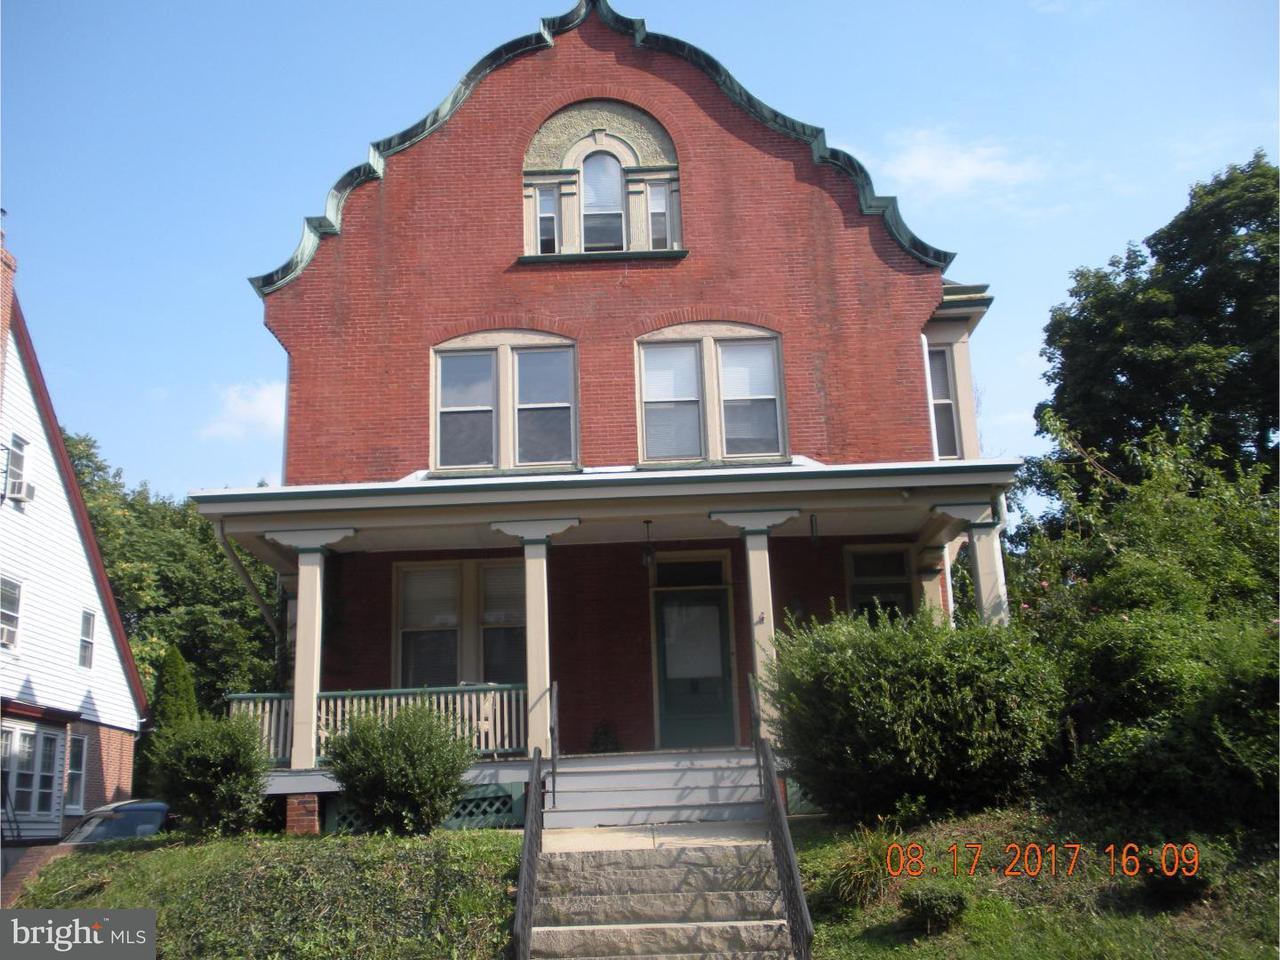 Частный односемейный дом для того Аренда на 1500 N FRANKLIN ST #1 Wilmington, Делавэр 19806 Соединенные Штаты